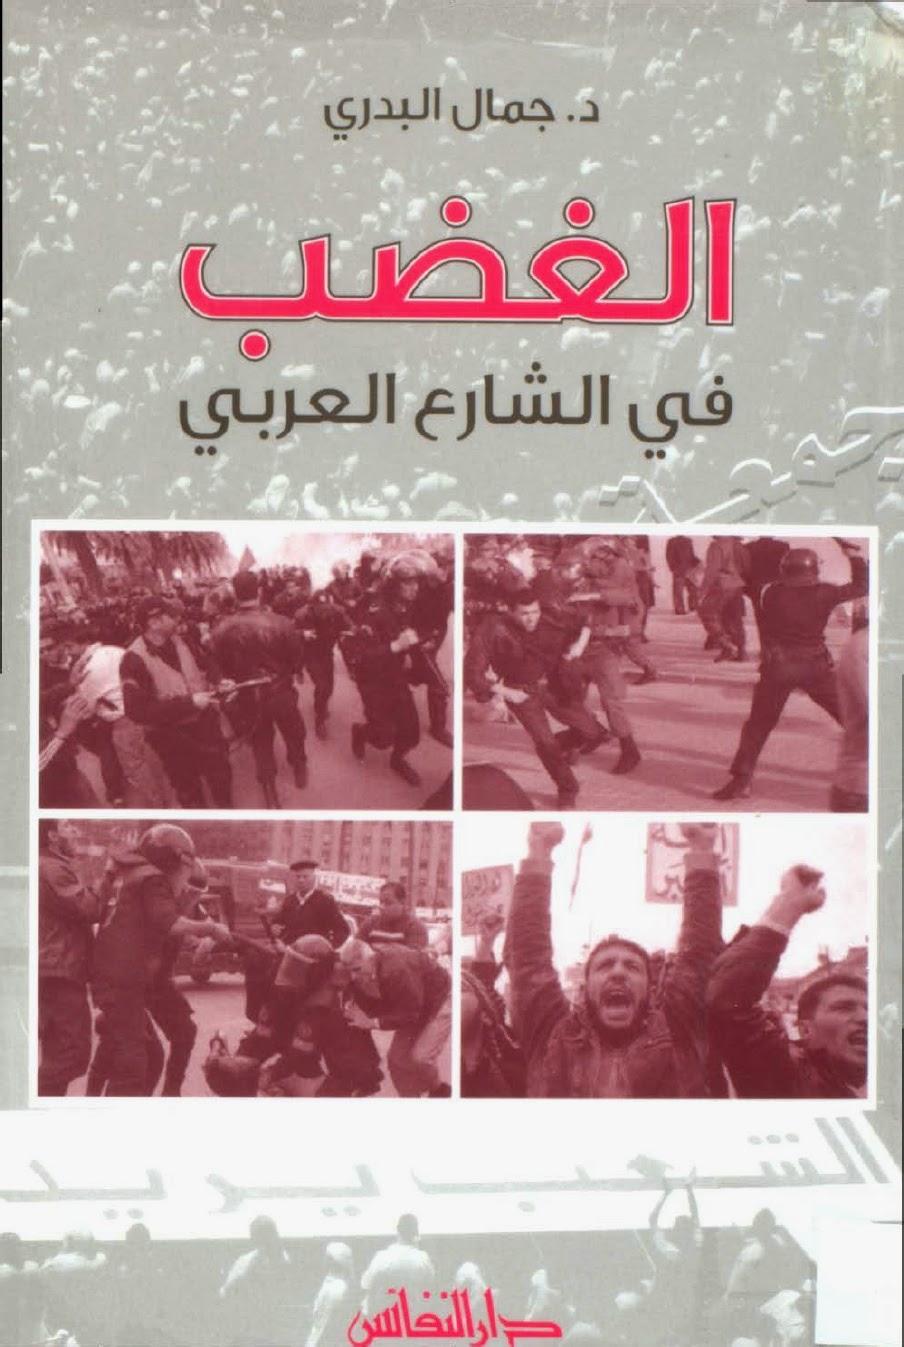 كتاب الغضب في الشارع العربي لـ جمال البدري